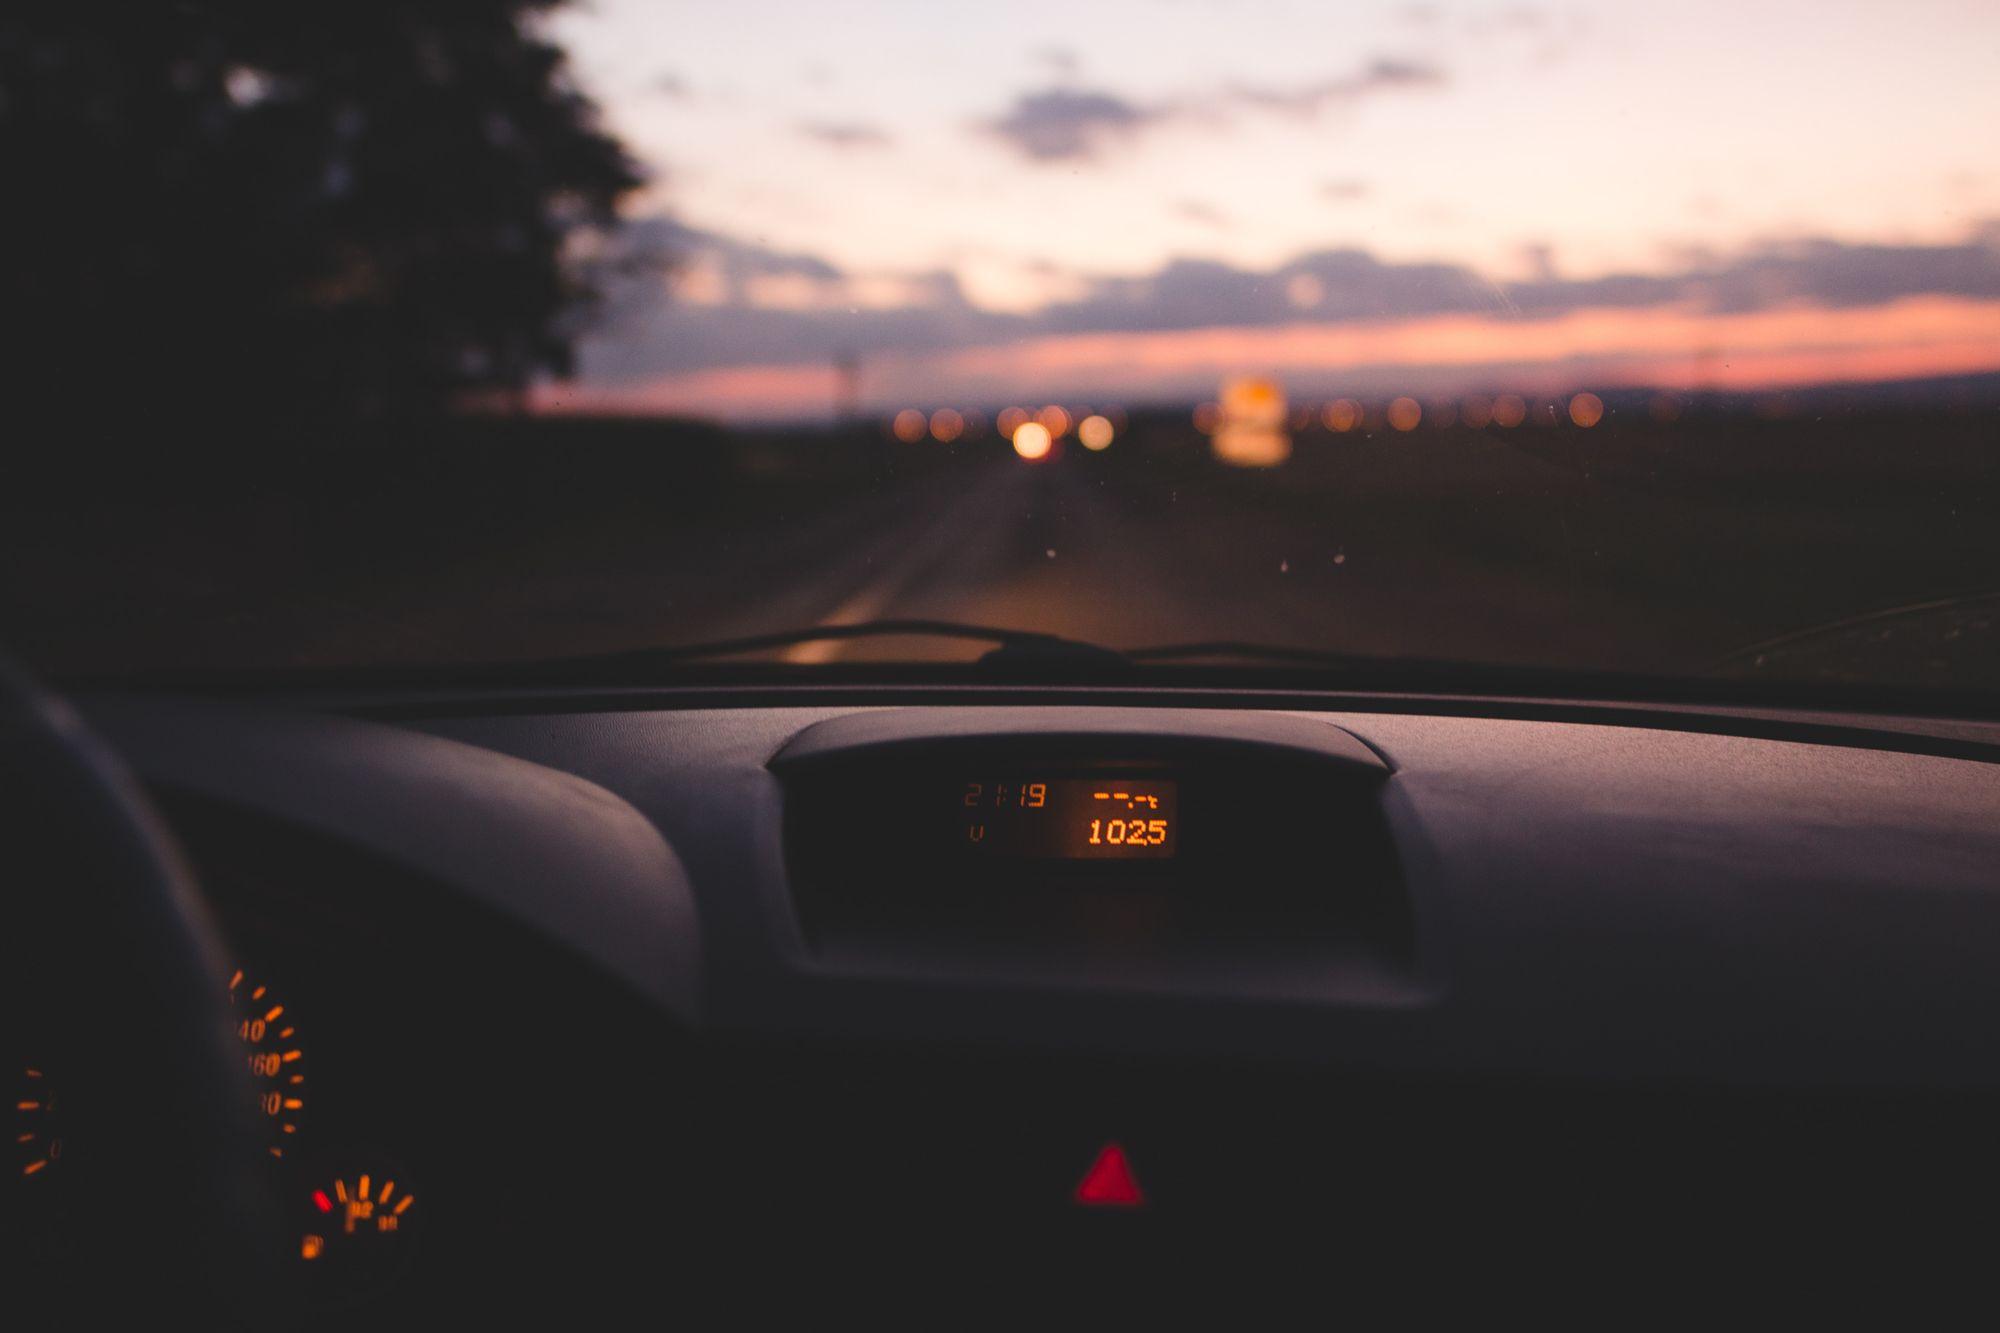 Το παρμπρίζ όπως φαίνεται από το εσωτερικό ενός αυτοκινήτου